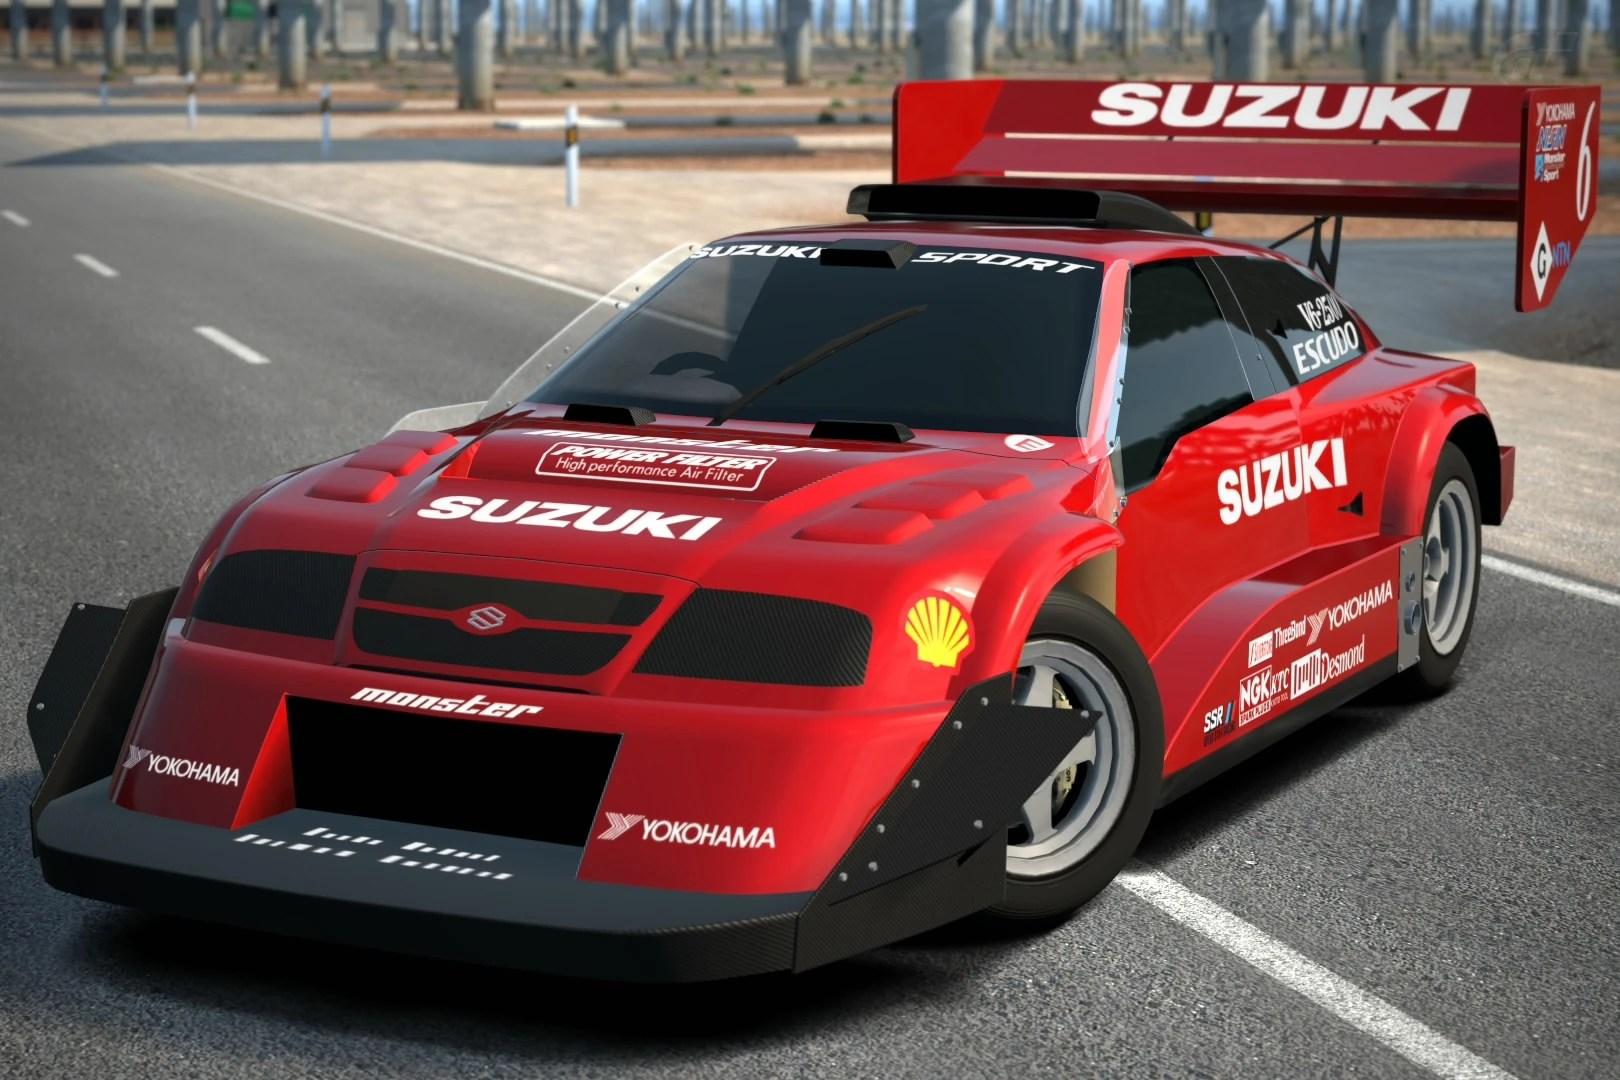 suzuki escudo dirt trial car 98 [ 1620 x 1080 Pixel ]